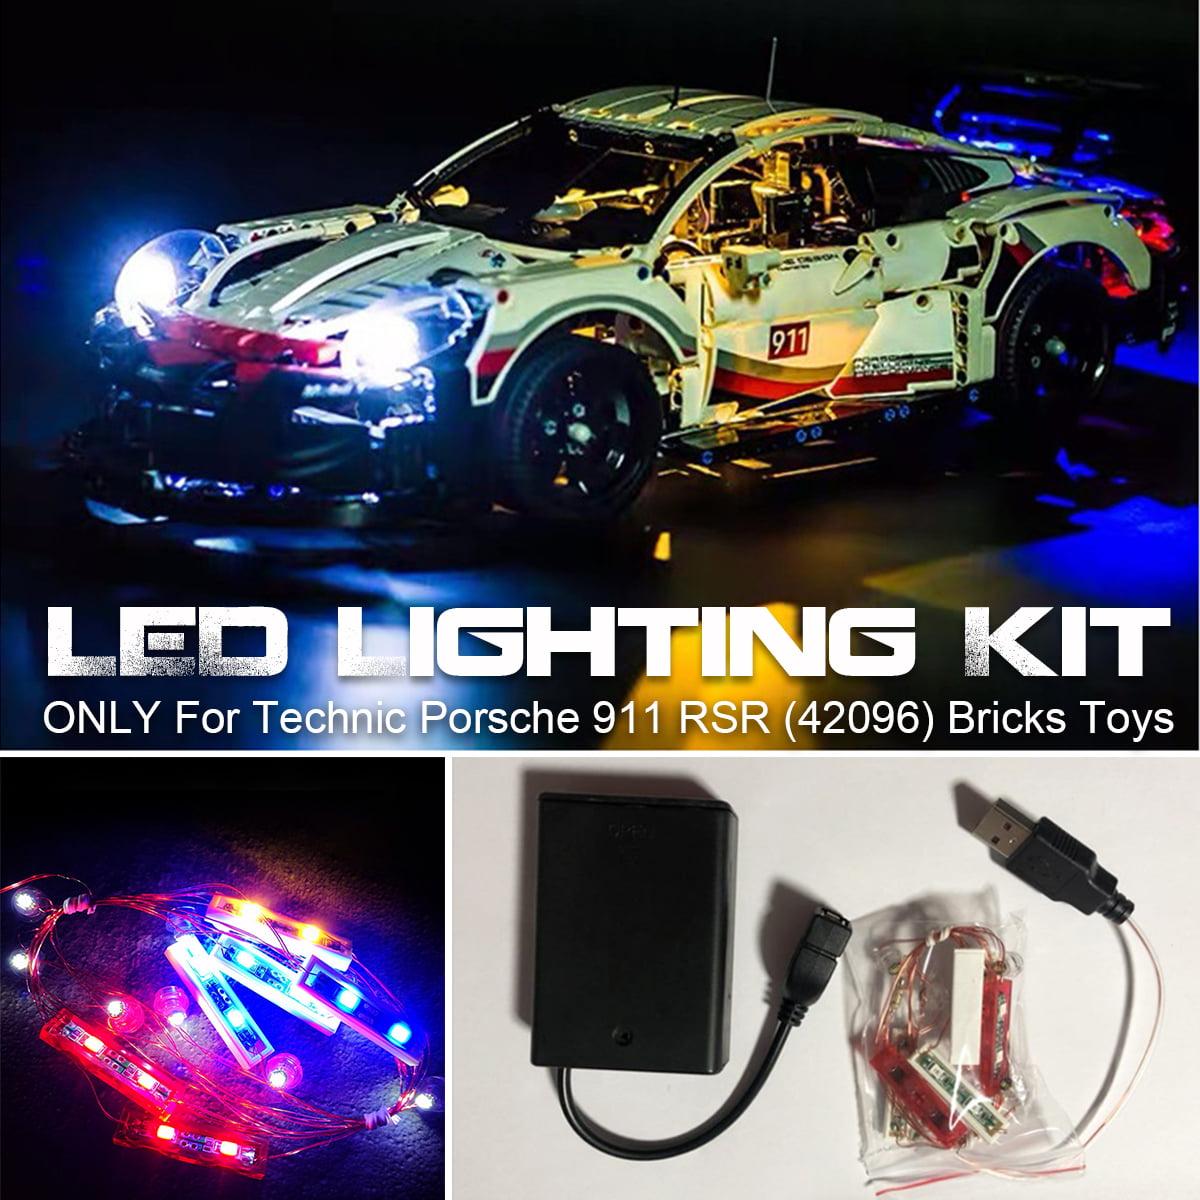 LED Light String For Lego 42096 Technic For Porsche 911 RSR Bricks Toy Plastic